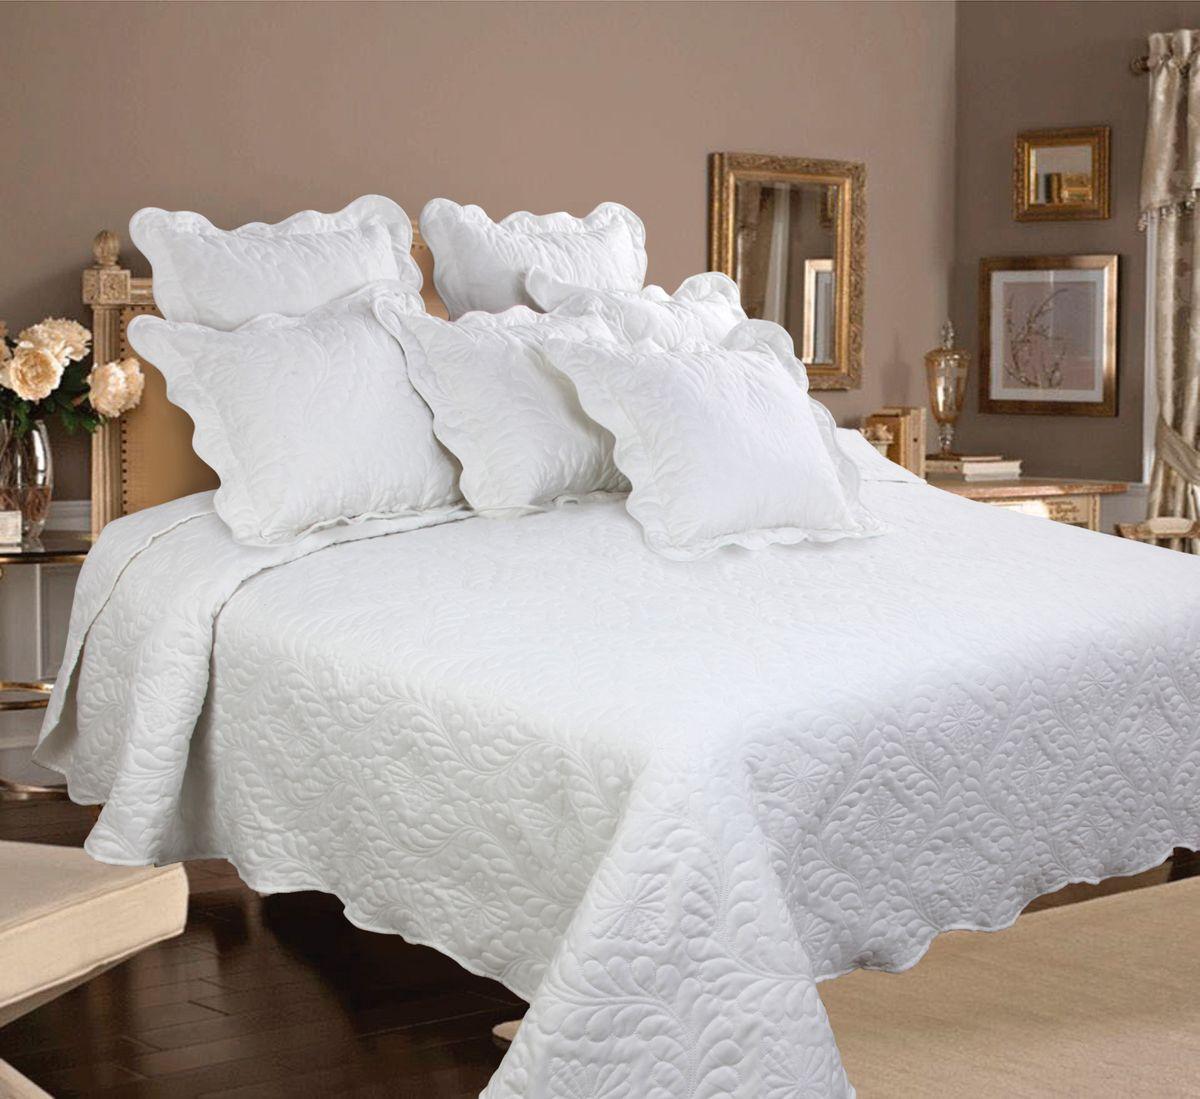 Комплект для спальни Mona Liza Royal White: покрывало 240 см х 260 см, 2 наволочки 40 см х 40 см, цвет: белыйFD-59Изысканный комплект для спальни Mona Liza Royal White состоит их стеганого покрывала и двух наволочек. Комплект выполнен из высококачественного полиэстера, оформлен декоративной ниточной стежкой, фигурным низом и обработан кантом.Комплект Mona Liza Royal - это отличный способ придать спальне уют и привнести в интерьер что-то новое. В комплект входит:Покрывало - 1 шт. Размер: 240 см х 260 см.Наволочка - 2 шт. Размер: 40 см х 40 см.